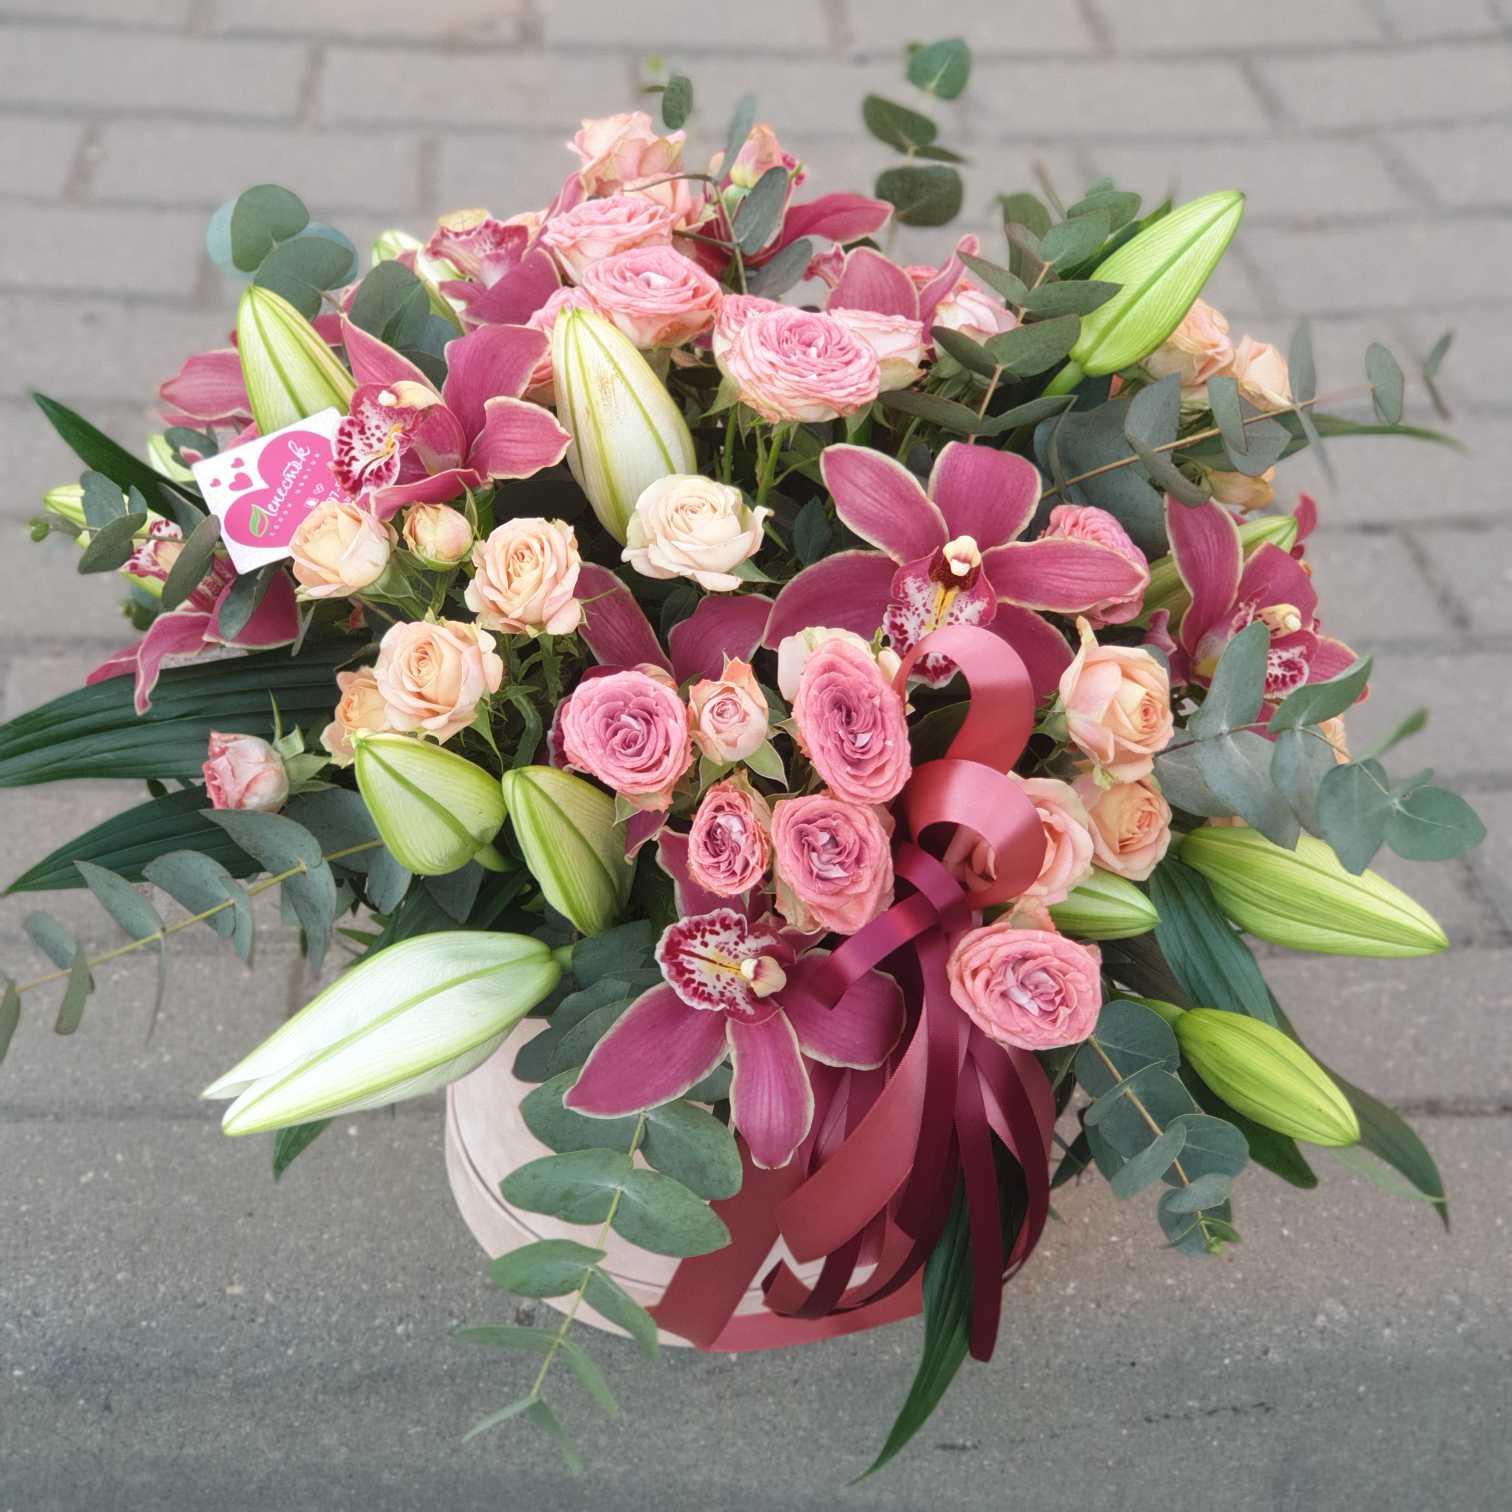 Бархатный цилиндр с лилией, кустовой розой и орхидеей цимбидиум